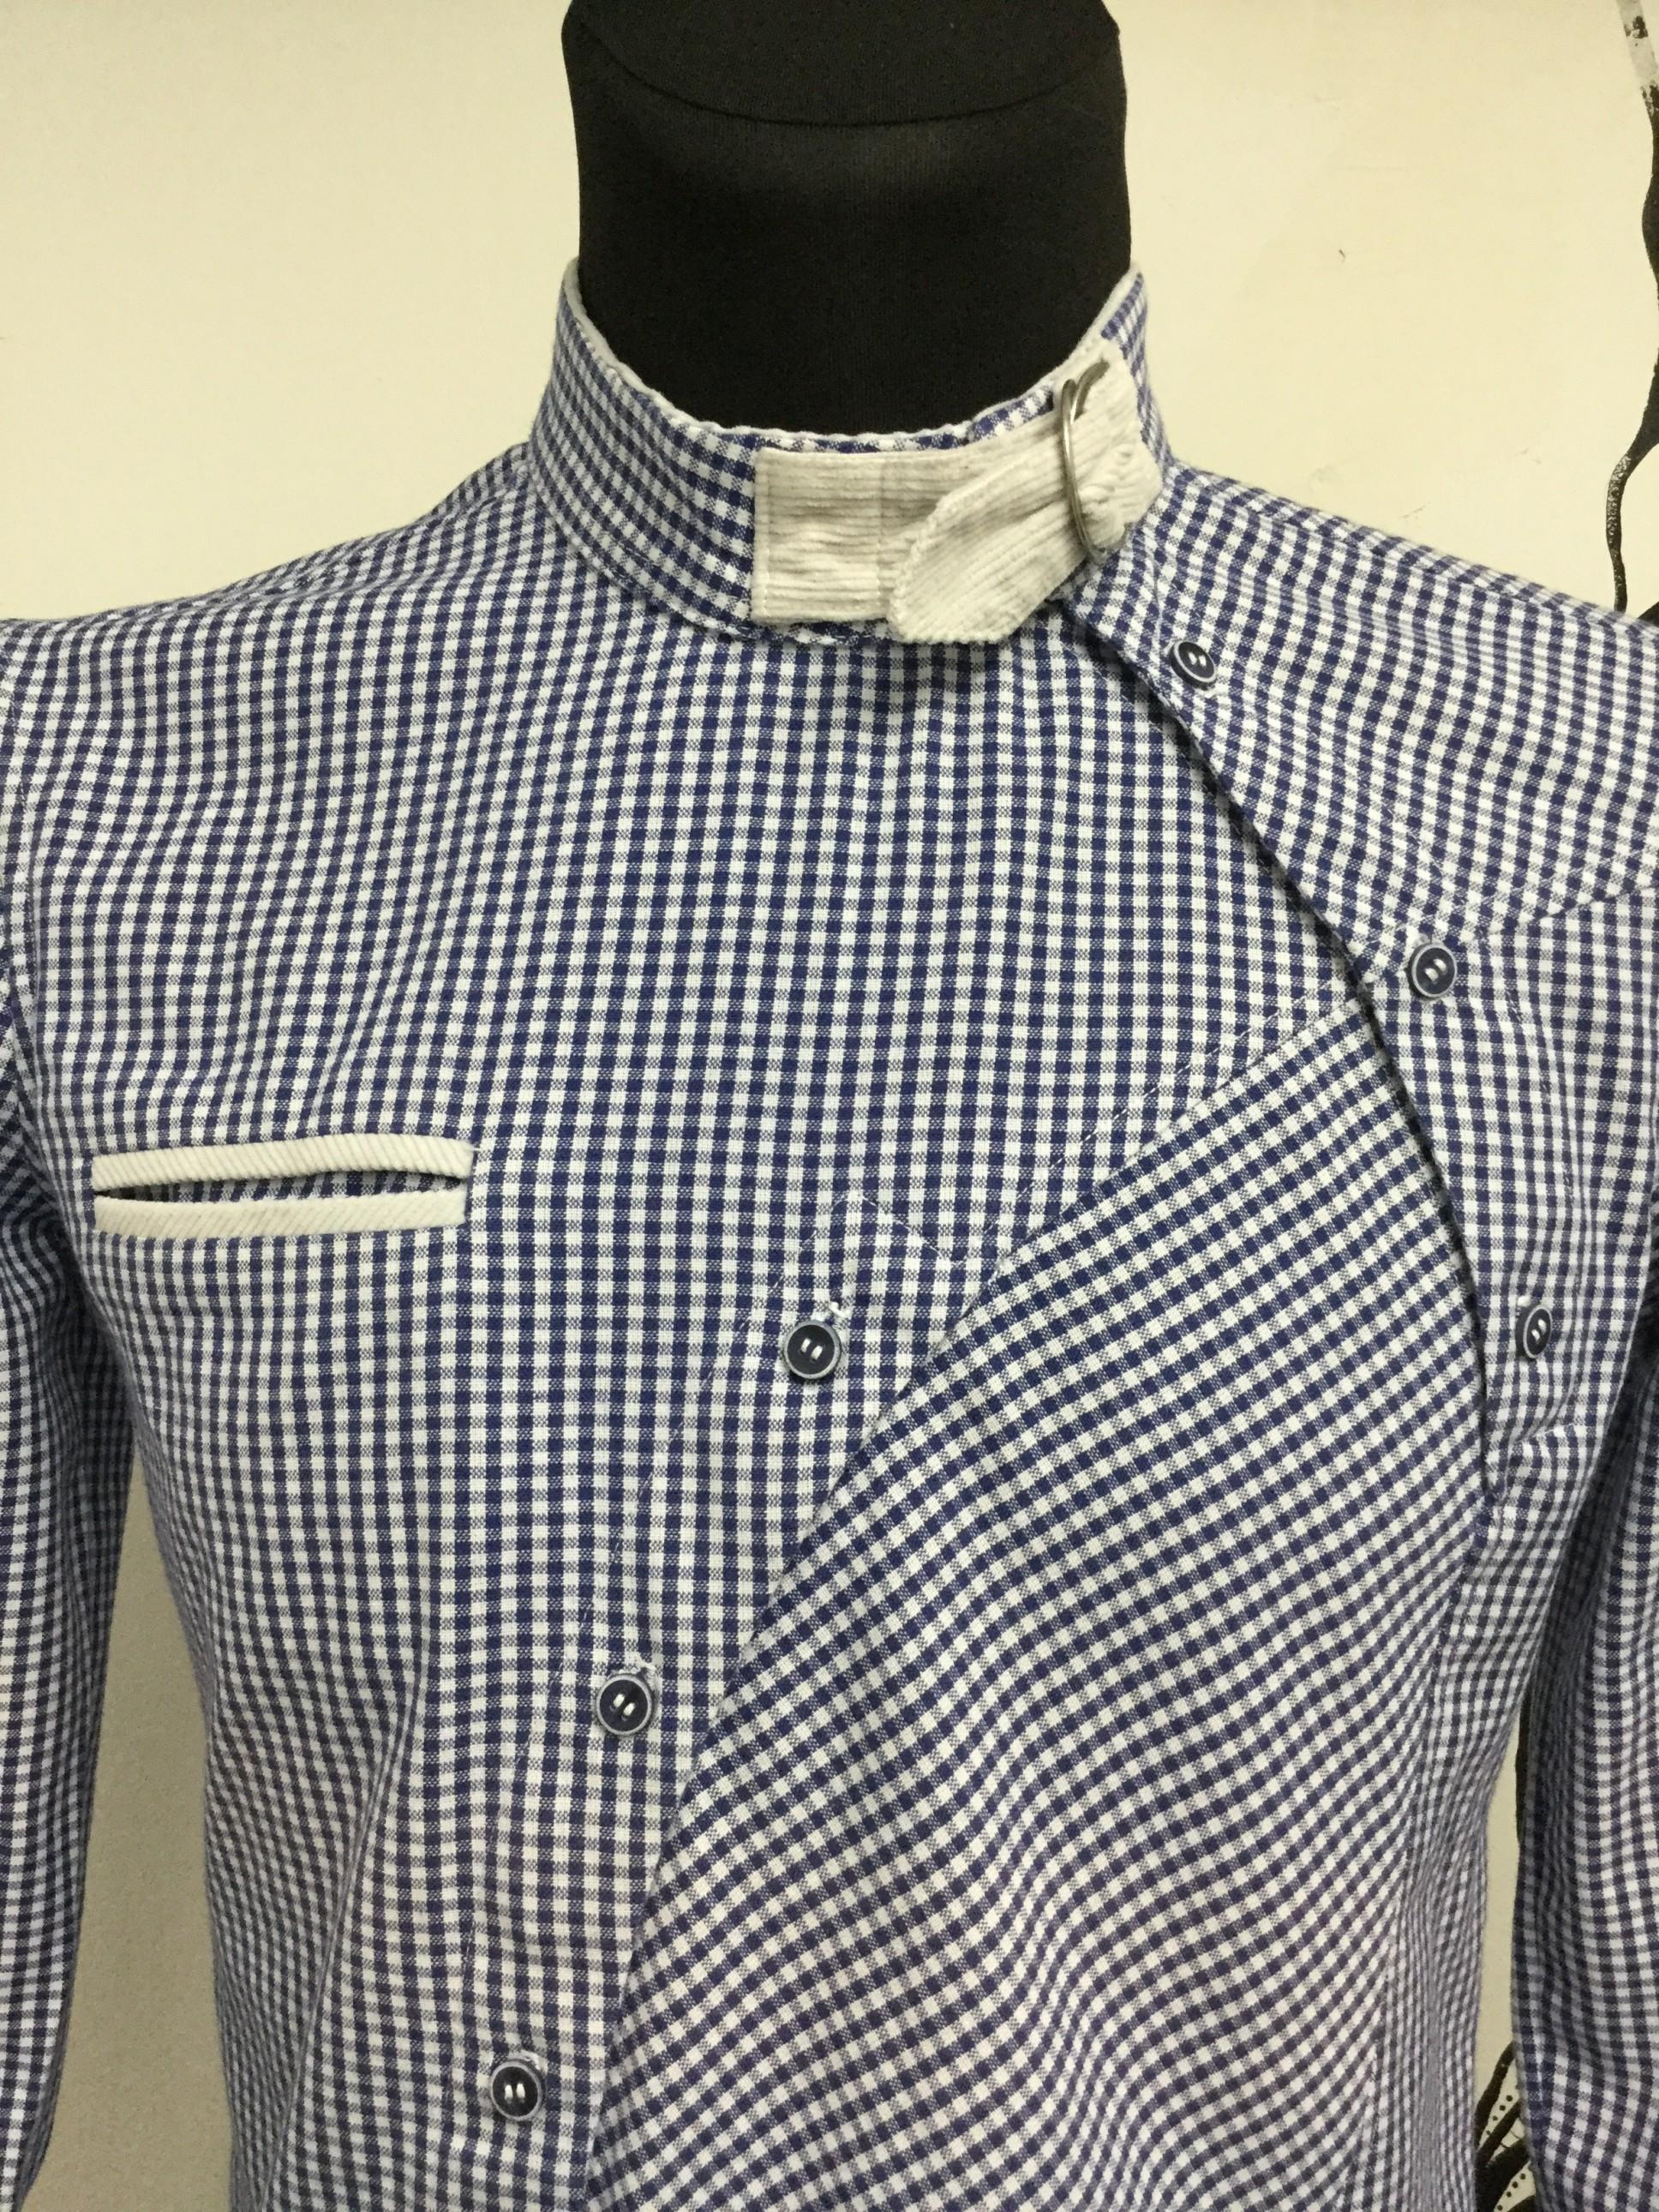 Шить на курсах мужскую рубашку курсы кройки и шитья Школа Елизаветы Добрицкой